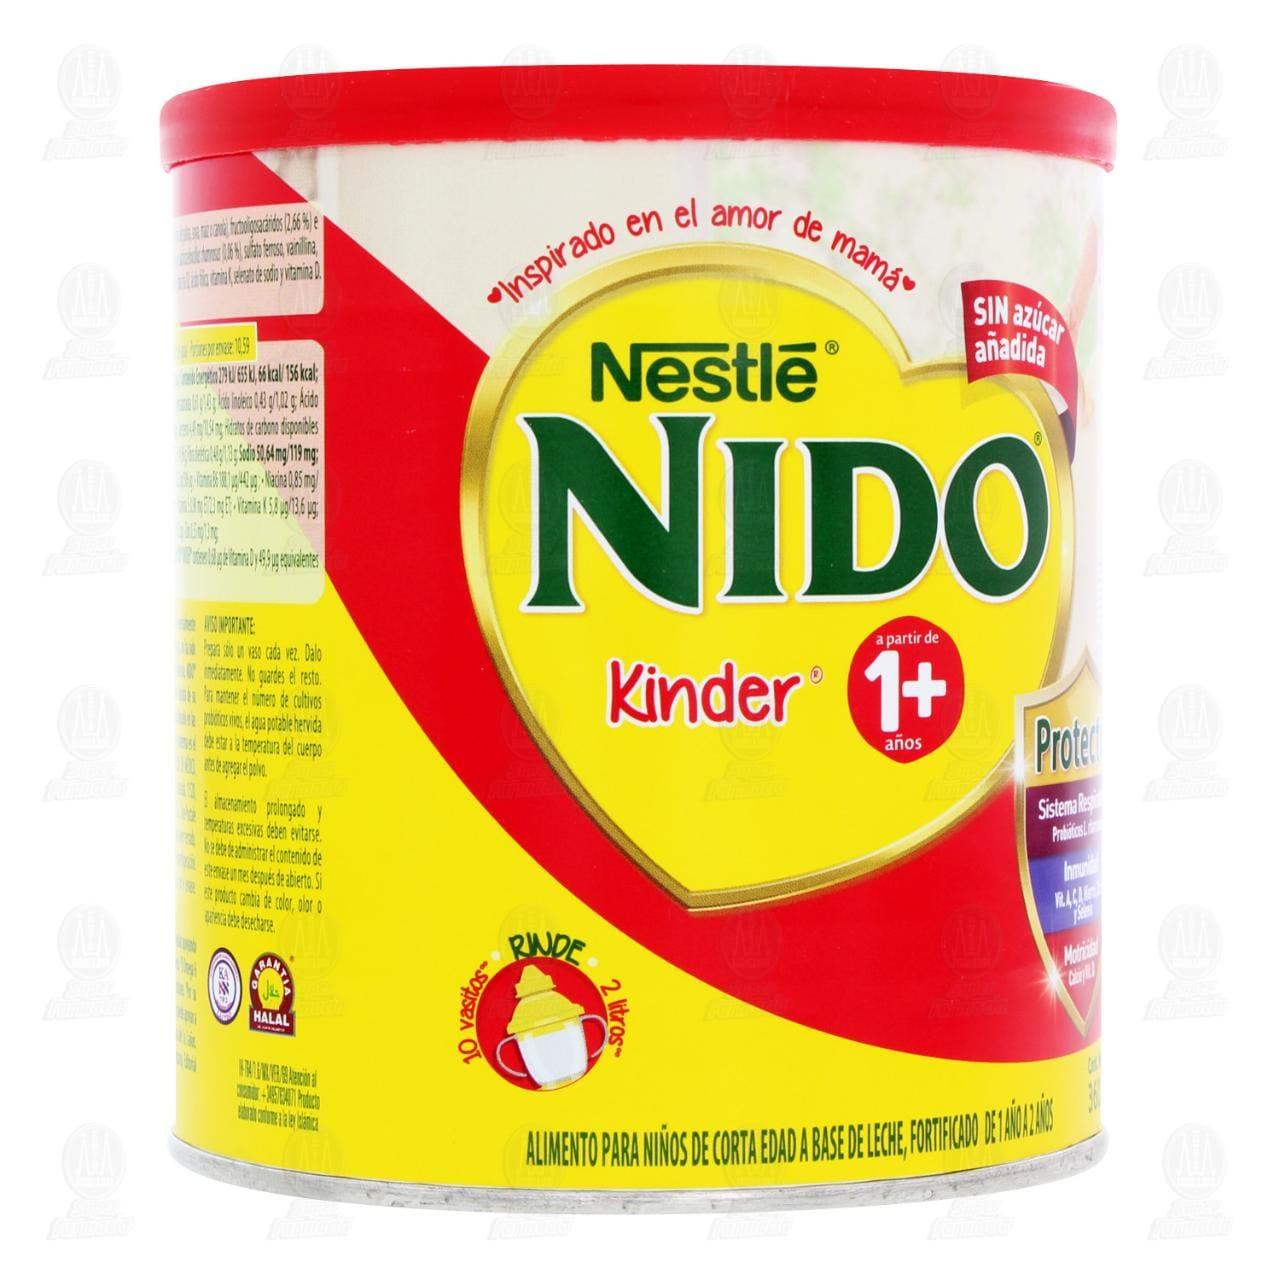 Comprar Alimento para Niños Nido Kinder 1 a 3 Años, 360 gr. en Farmacias Guadalajara